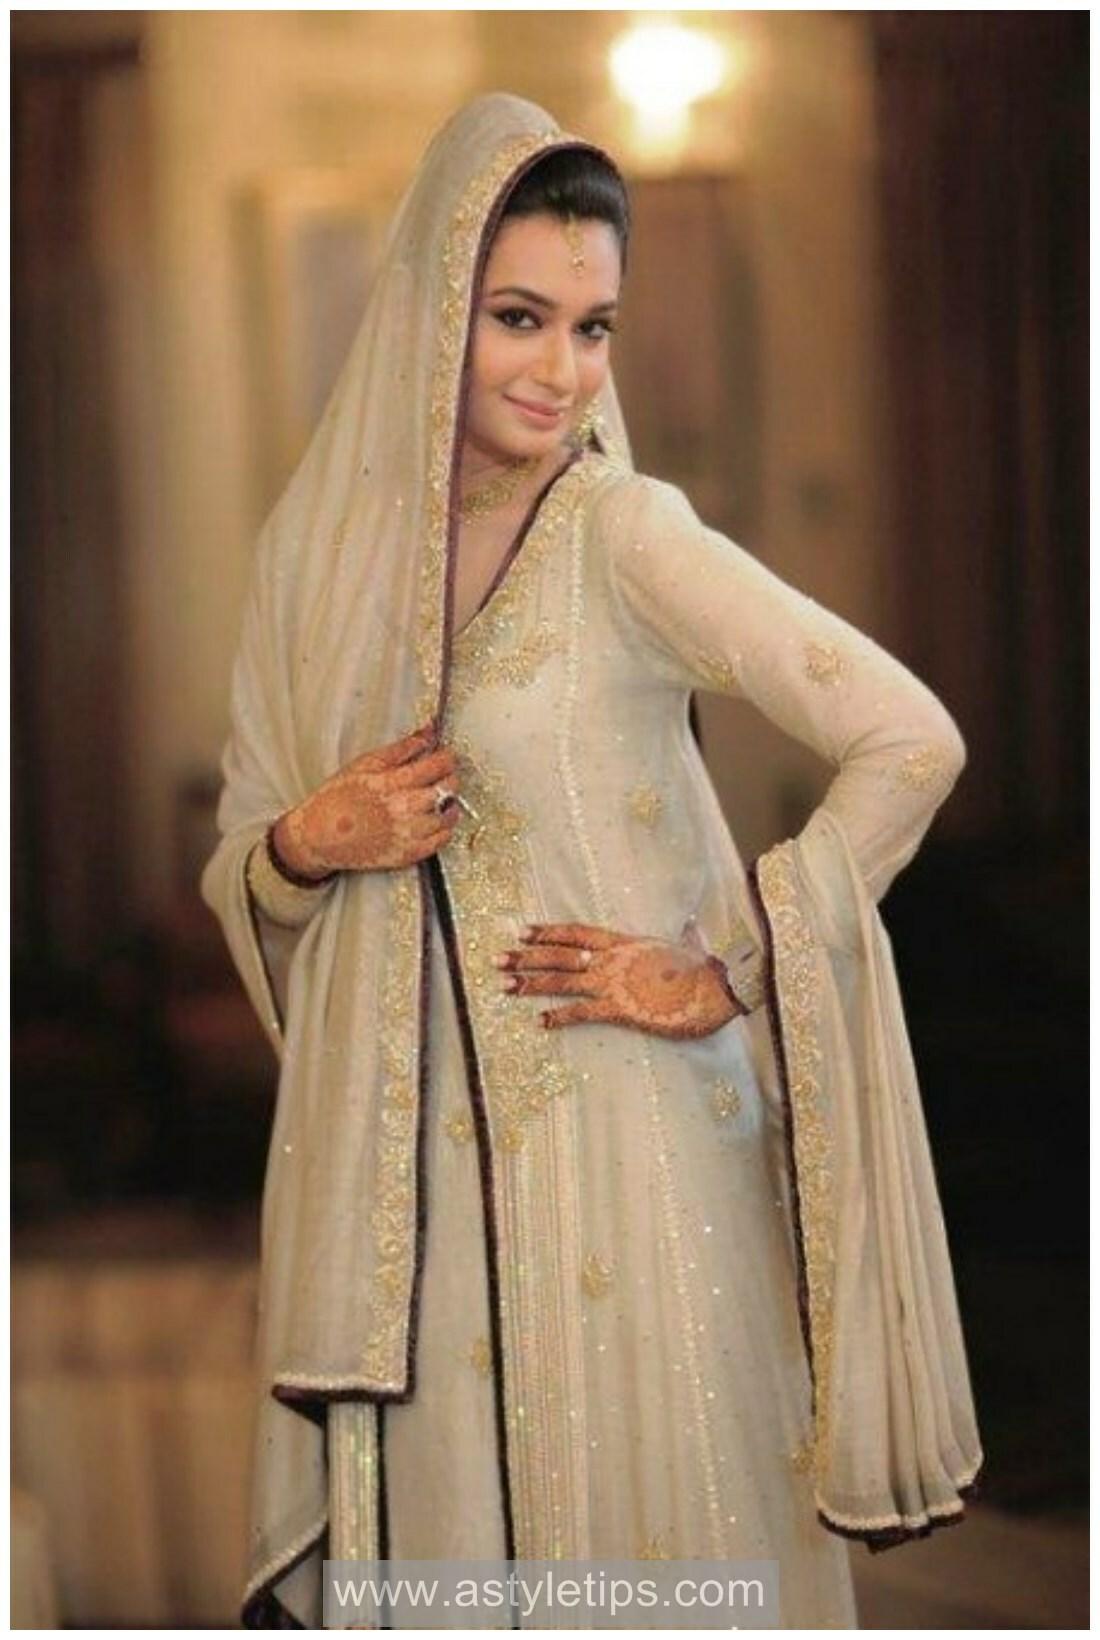 Bridal Nikah and engagement dresses